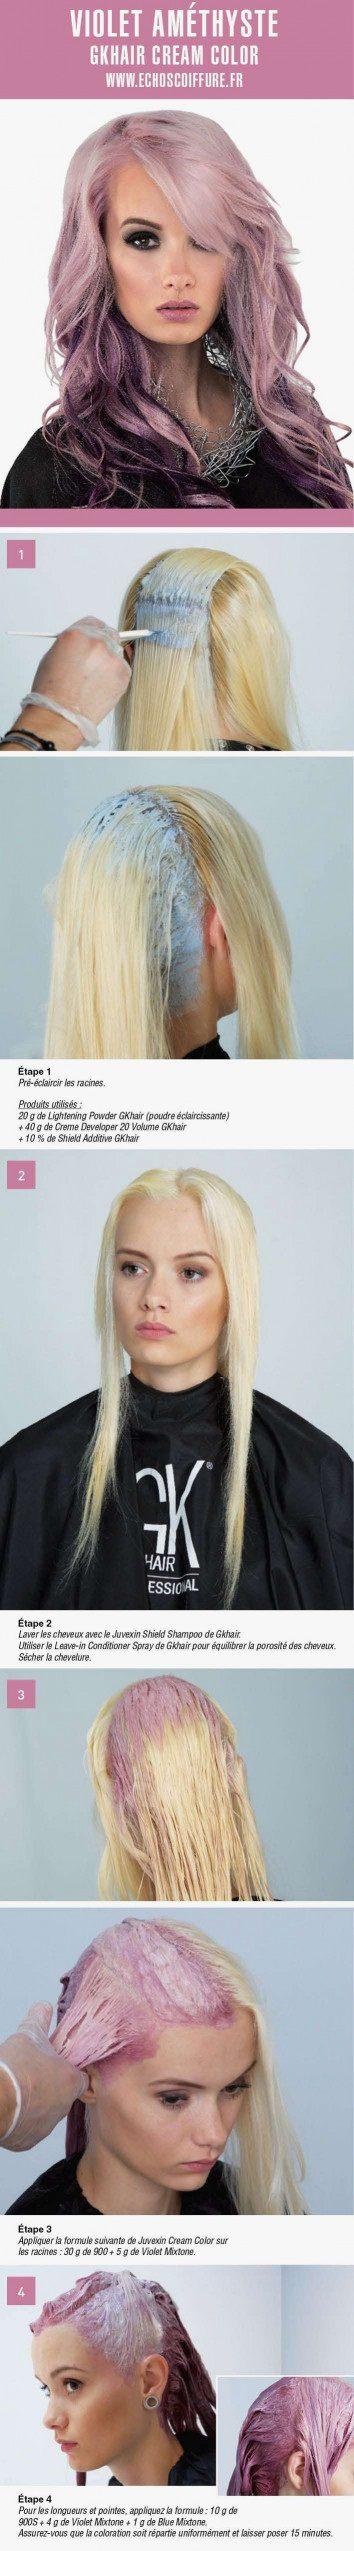 Punaise De Lit Dans Les Cheveux Fraîche Application Changer Couleur Cheveux Cosmopolitan France Dans L App